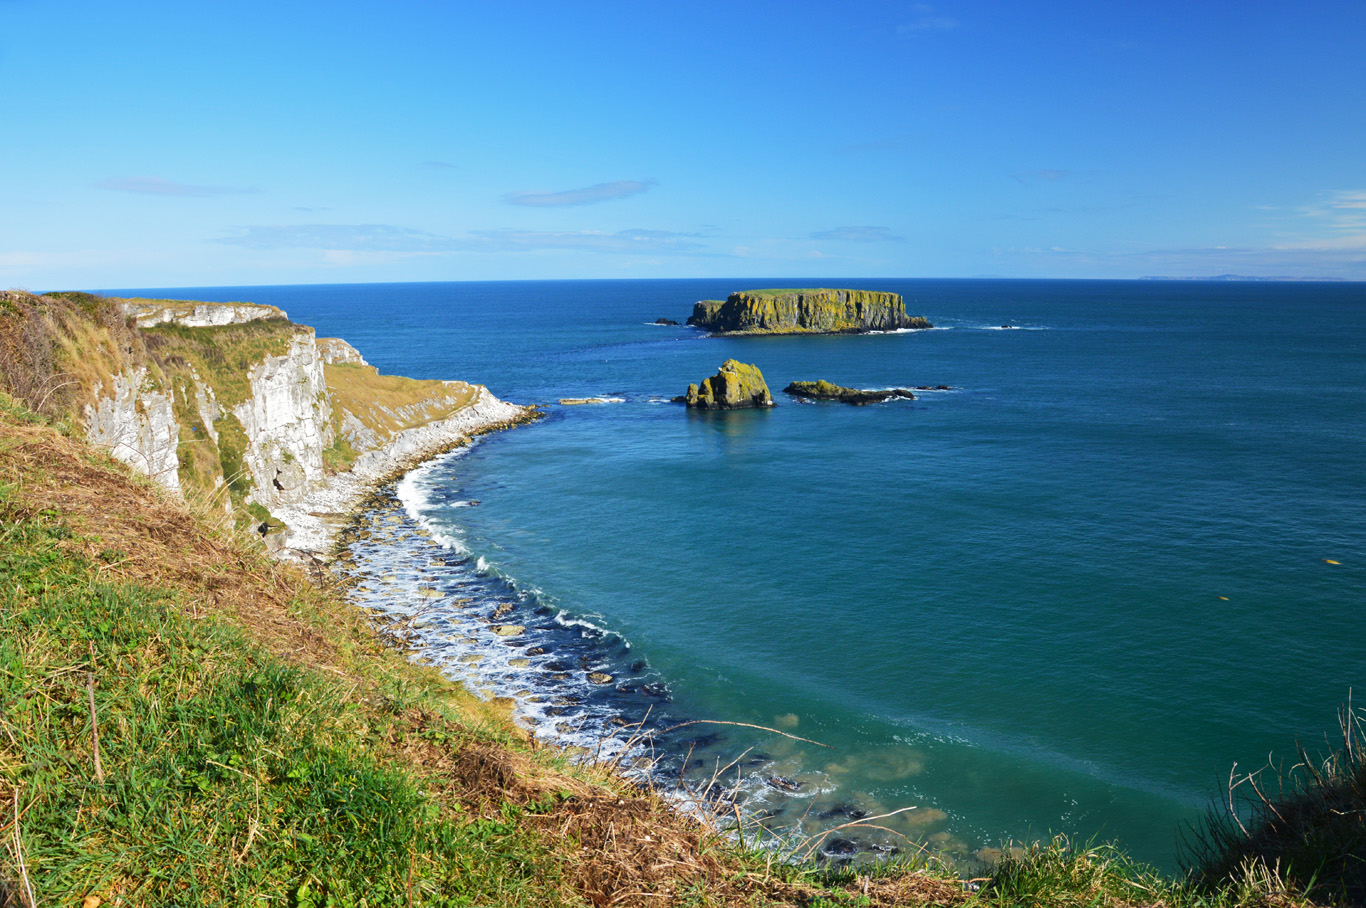 Carrick-a-Rede cliffs